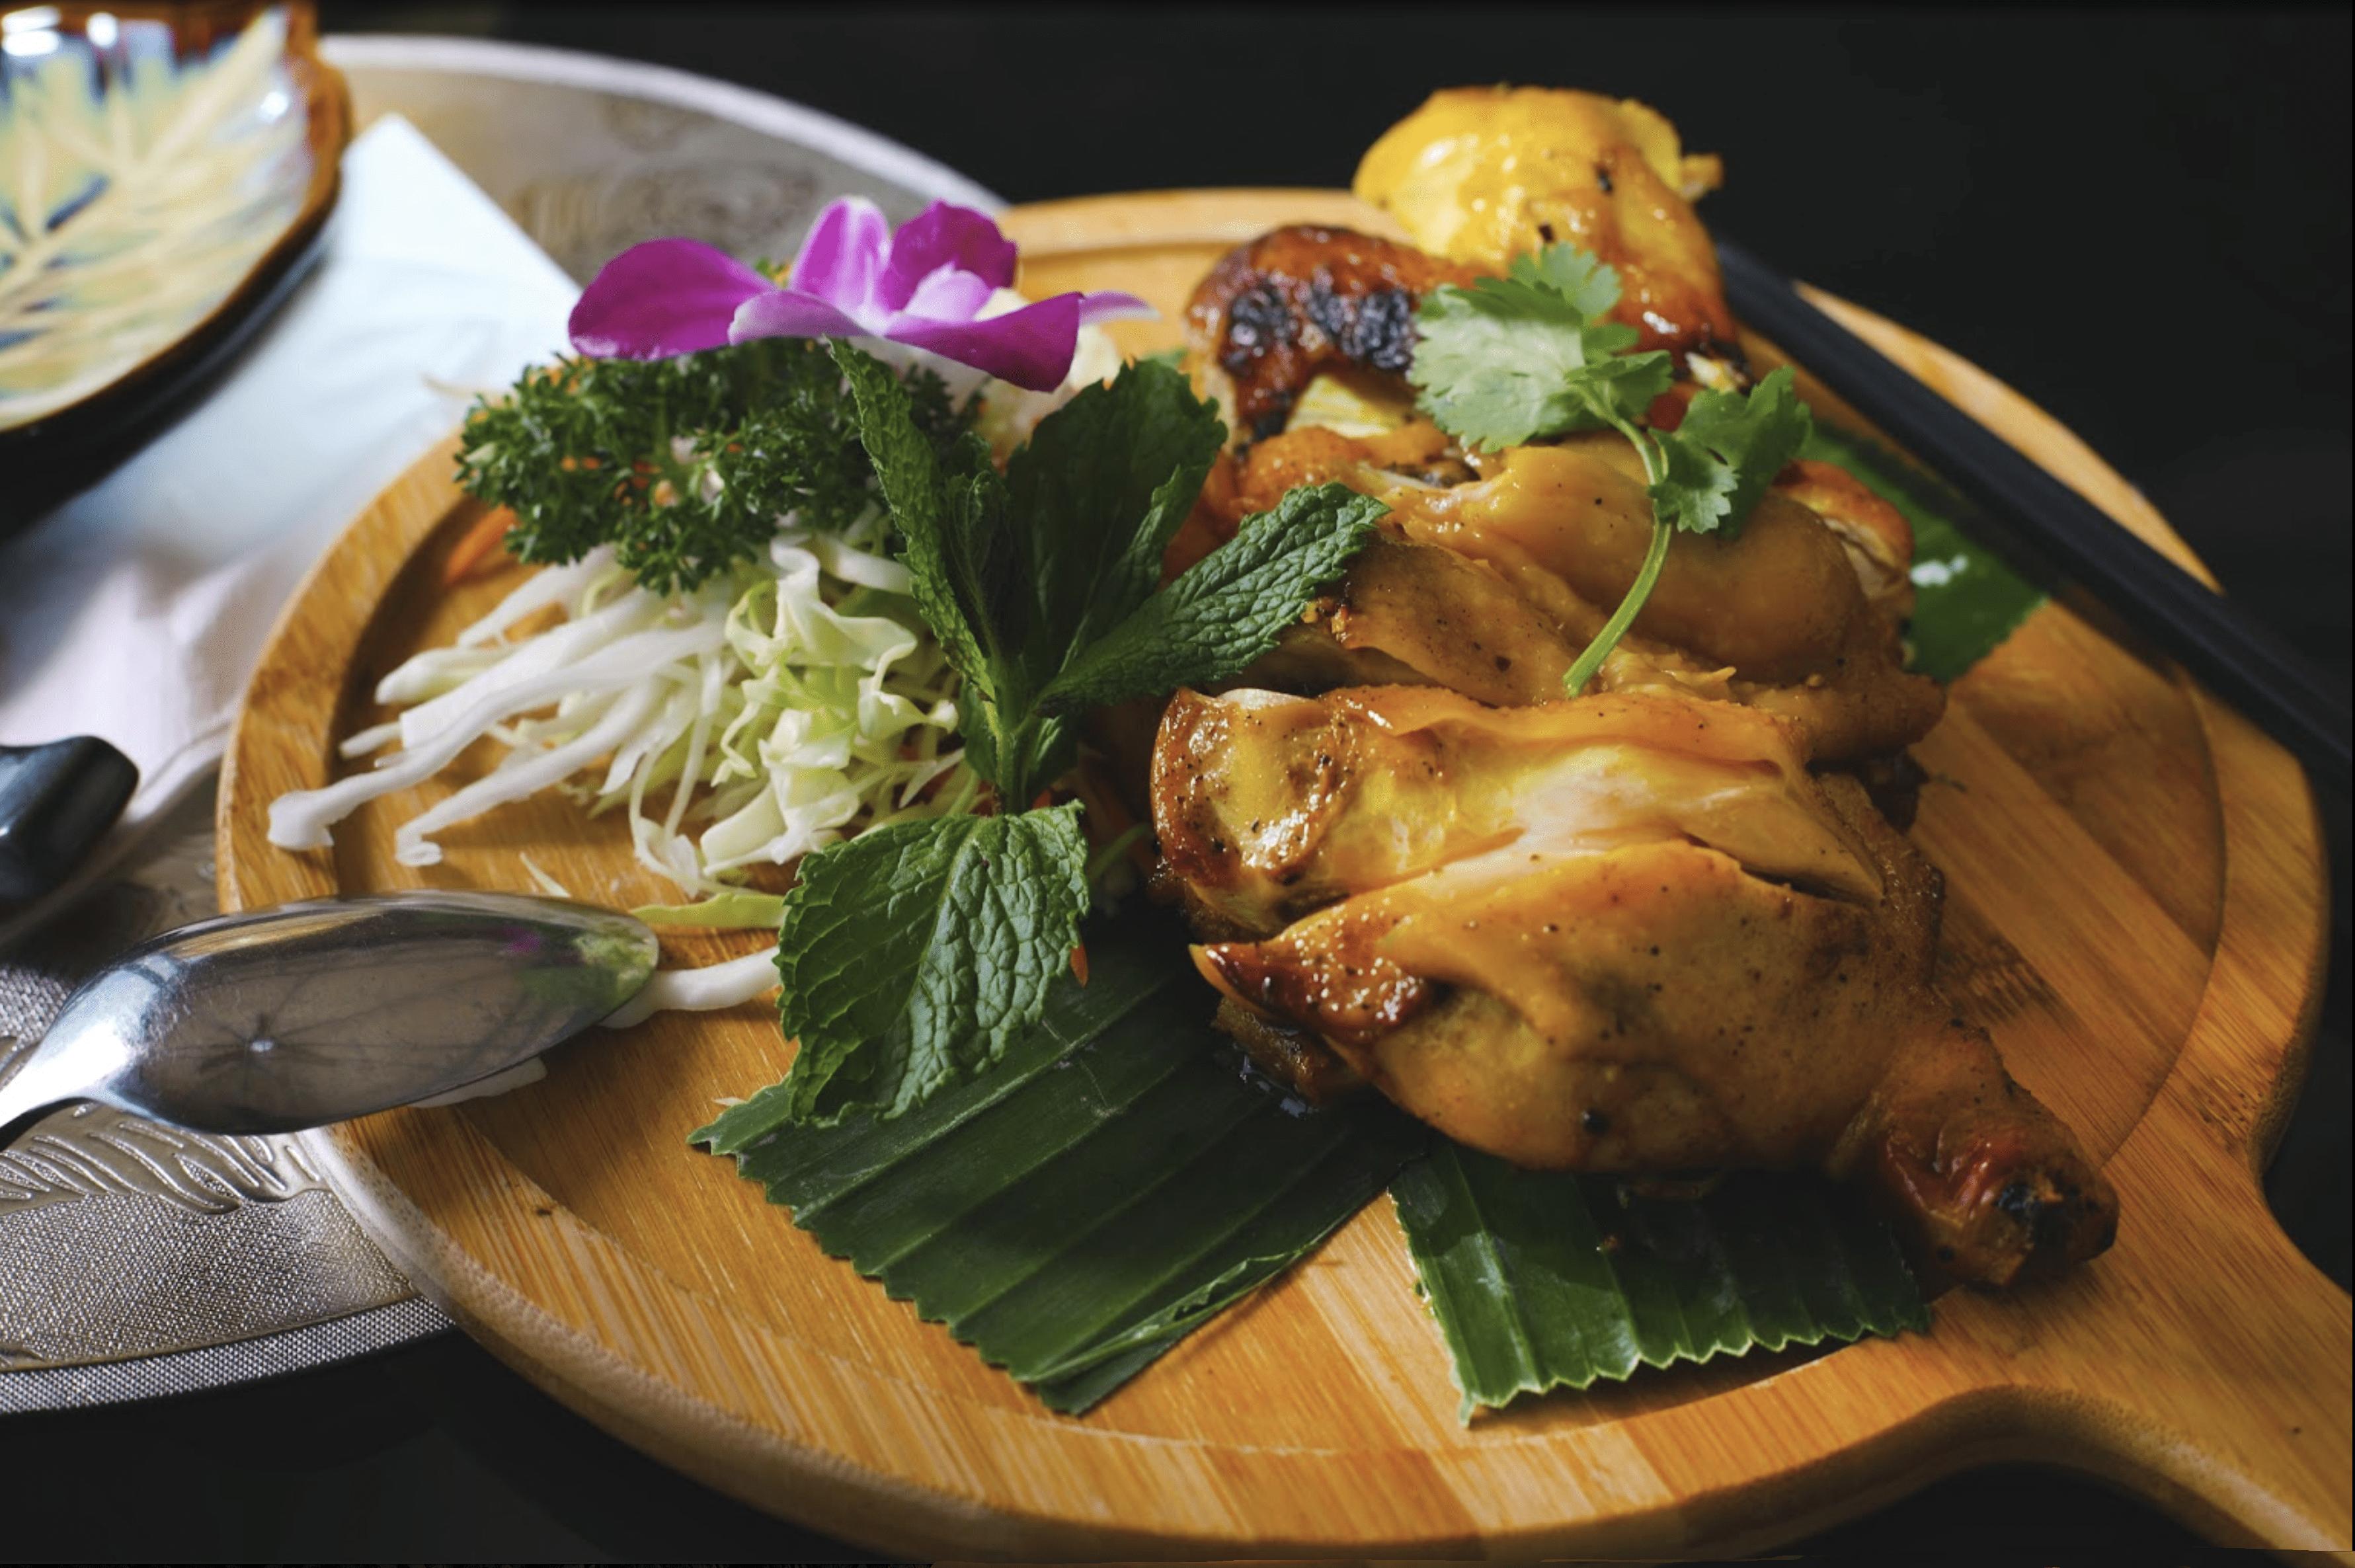 西贡美食/泰式烧鸡/鸡皮烧得香脆可口,甜甜地,较油腻,鸡肉嫰滑,沾上泰式酸辣酱更滋味~(网上图片)/泰道 Thai Dao/